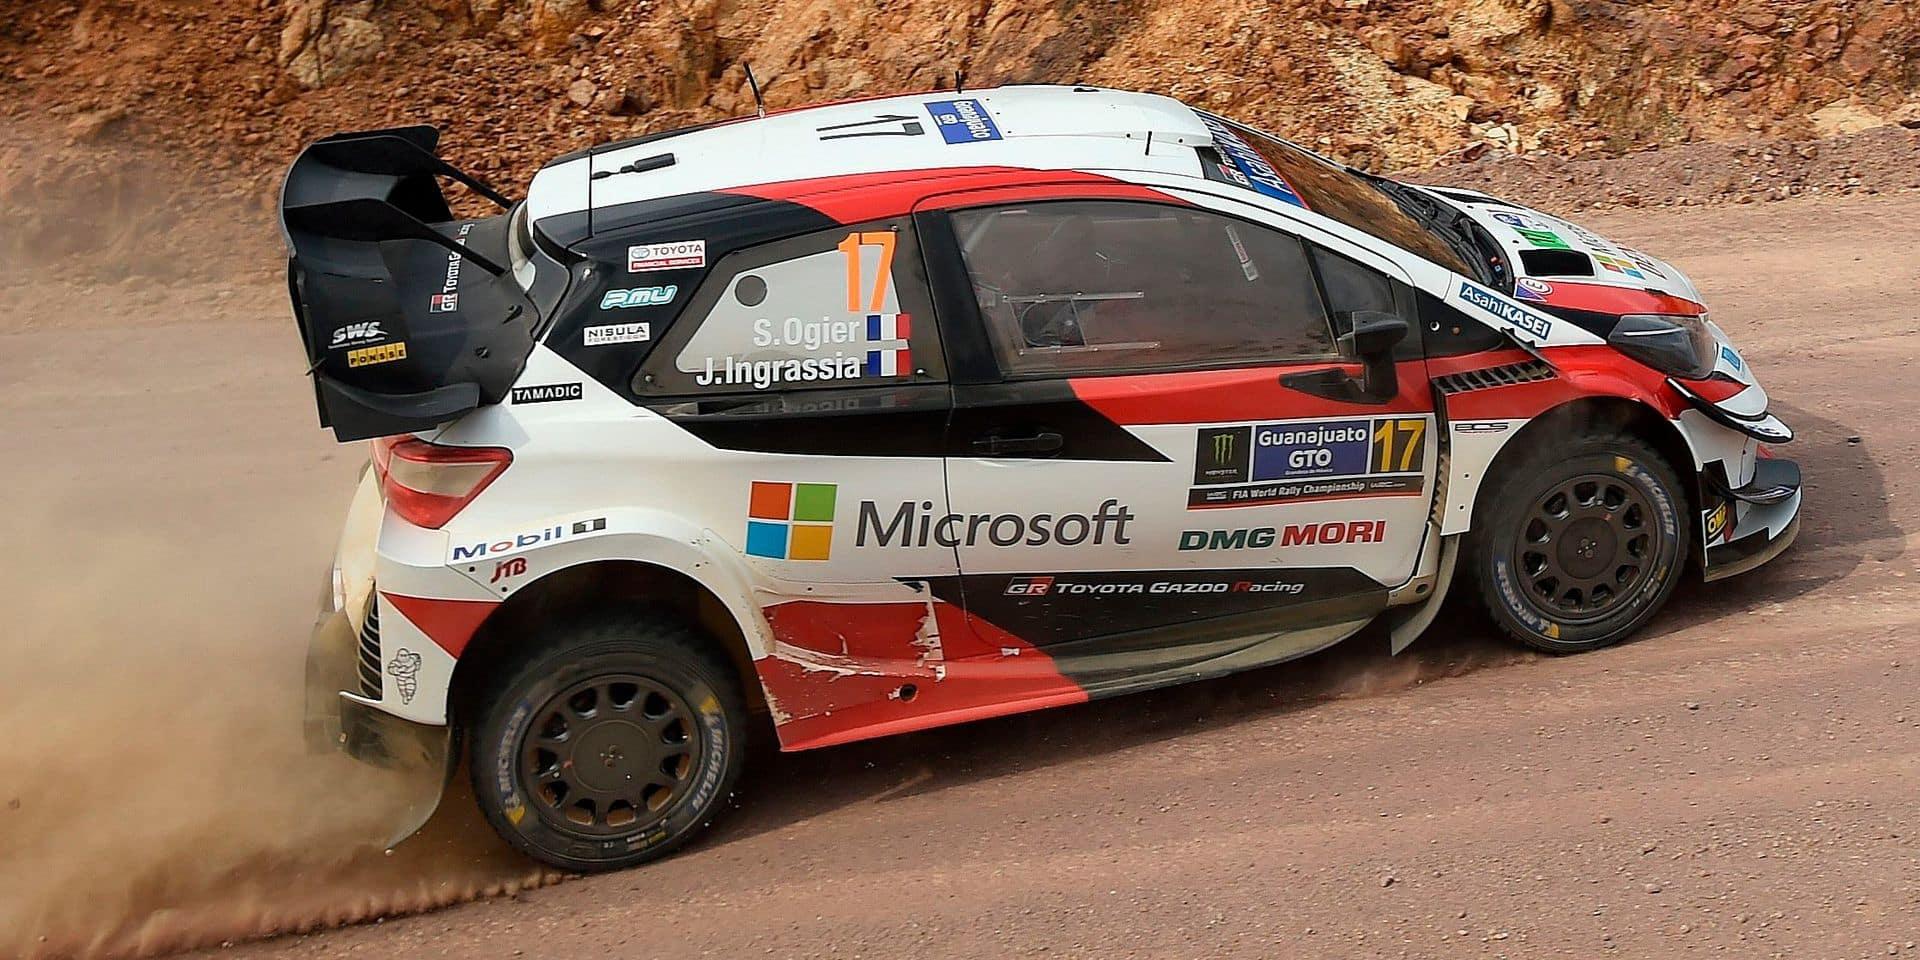 WRC Mexique ES15: Scratch pour Tanak revenu à 6.6 de la 2e place, faute pour Neuville